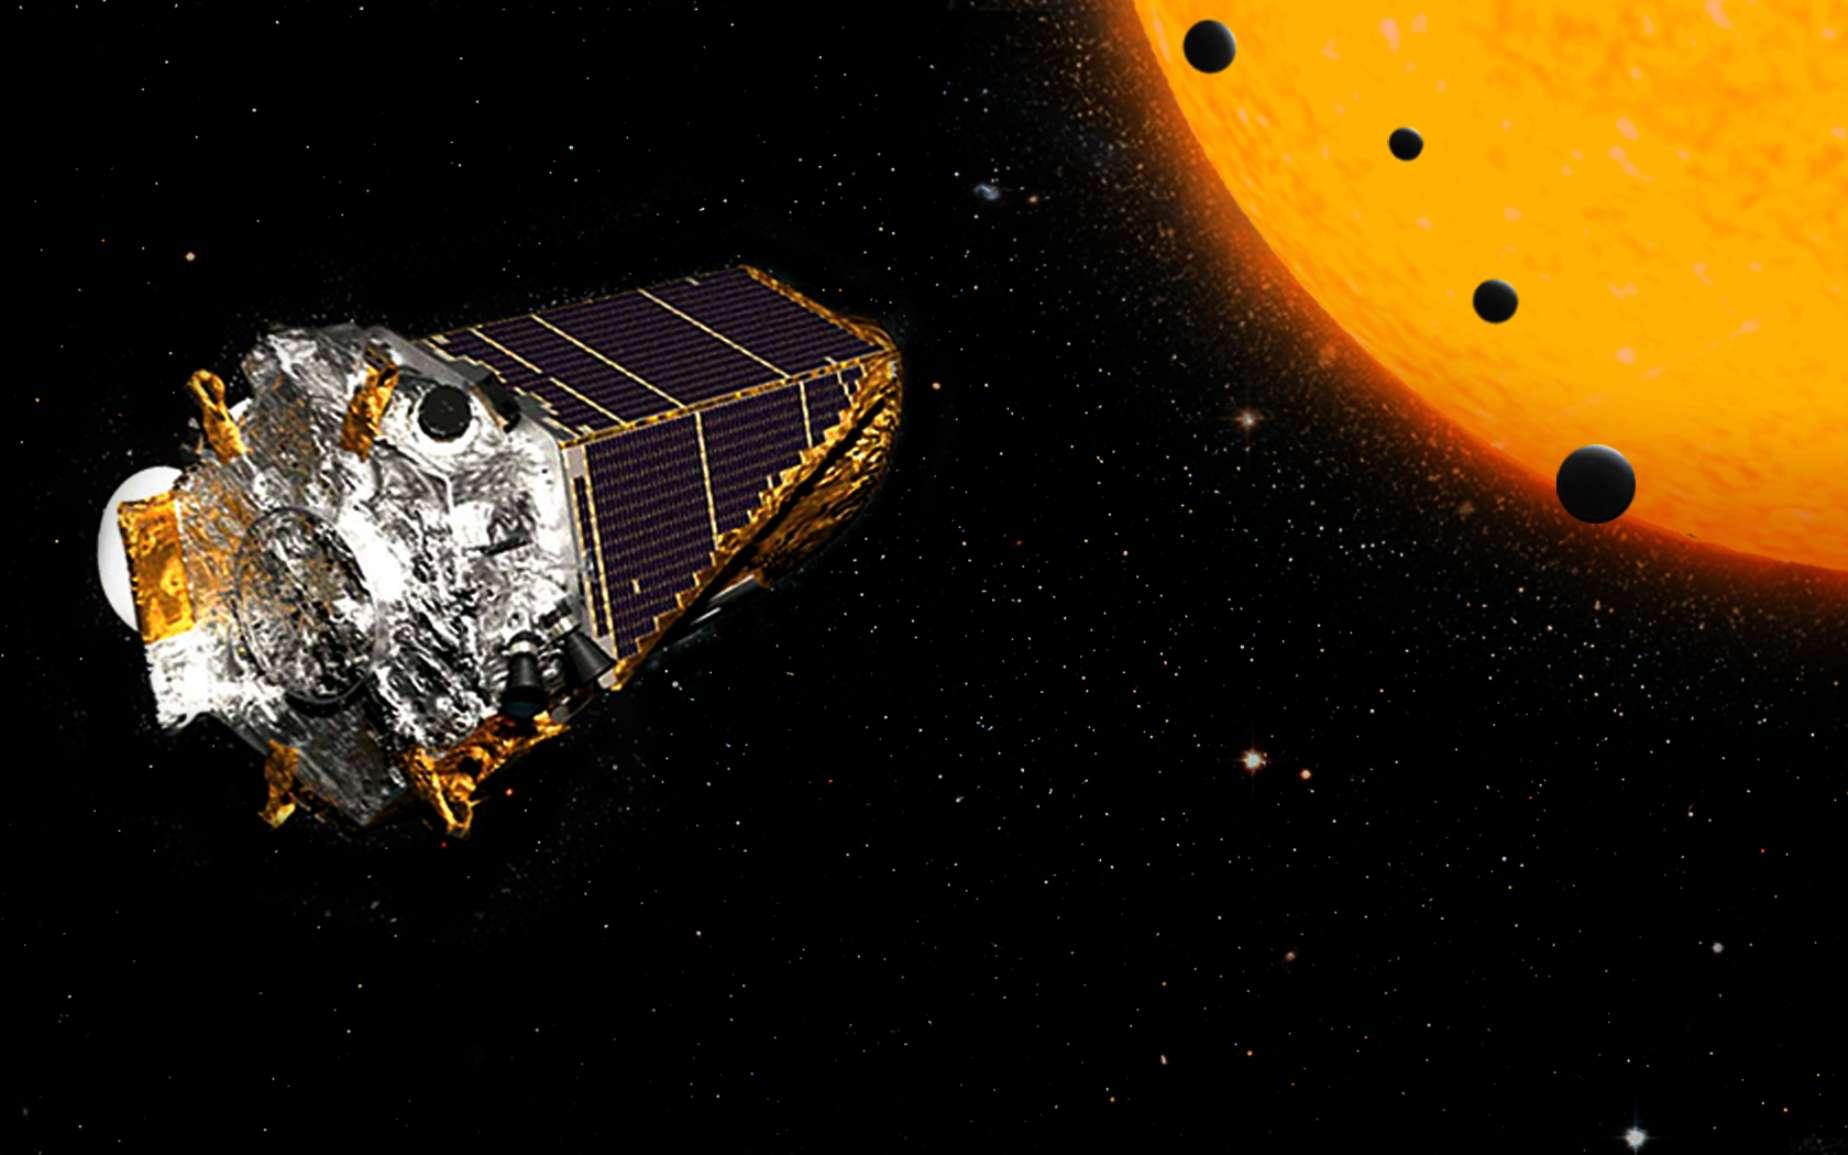 Une vue d'artiste d'exoplanètes en transit devant une étoile, observées par Kepler. © Nasa